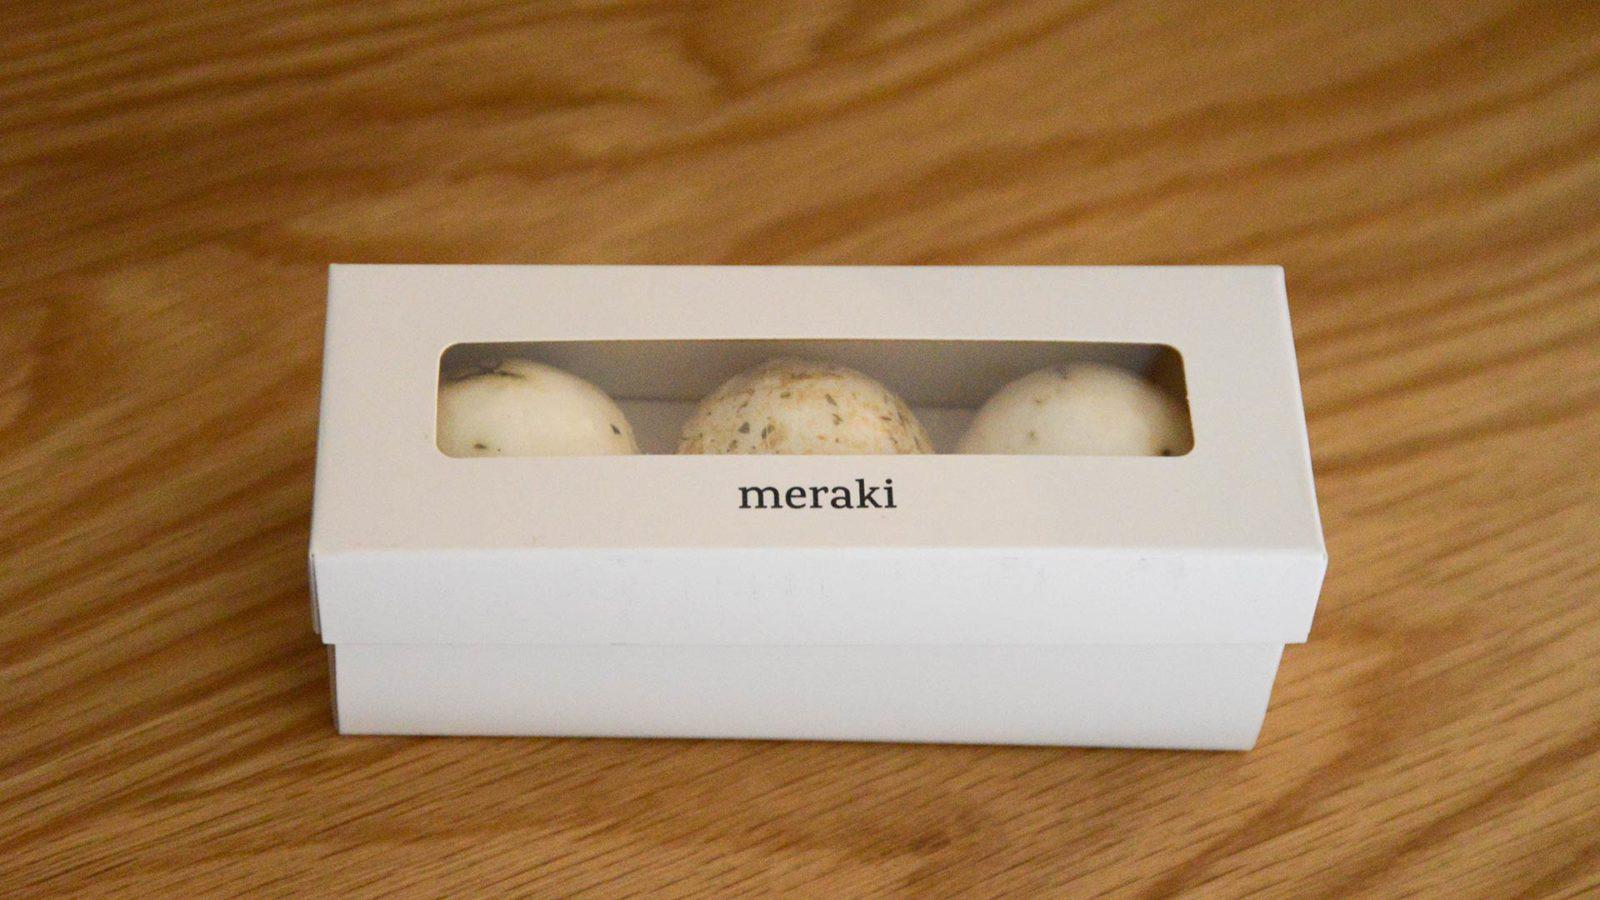 Meraki bath melts gift set